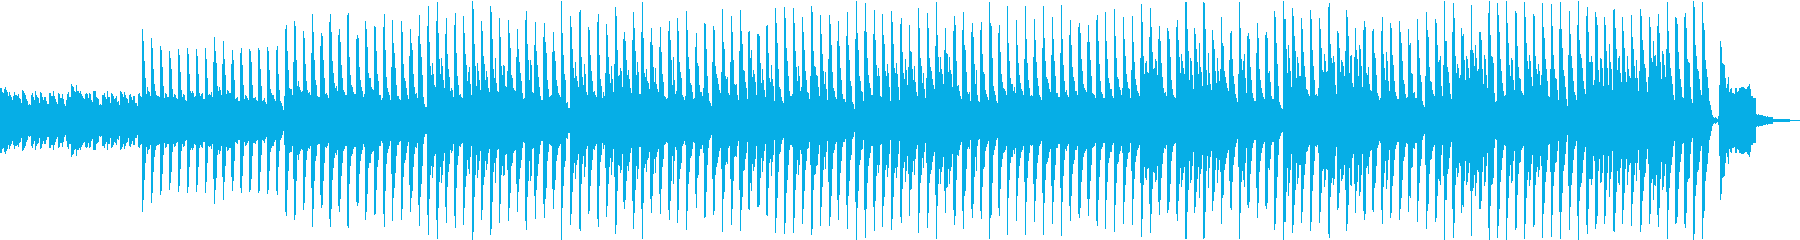 キッズ、教育系、可愛い・マリンバと口笛の再生済みの波形